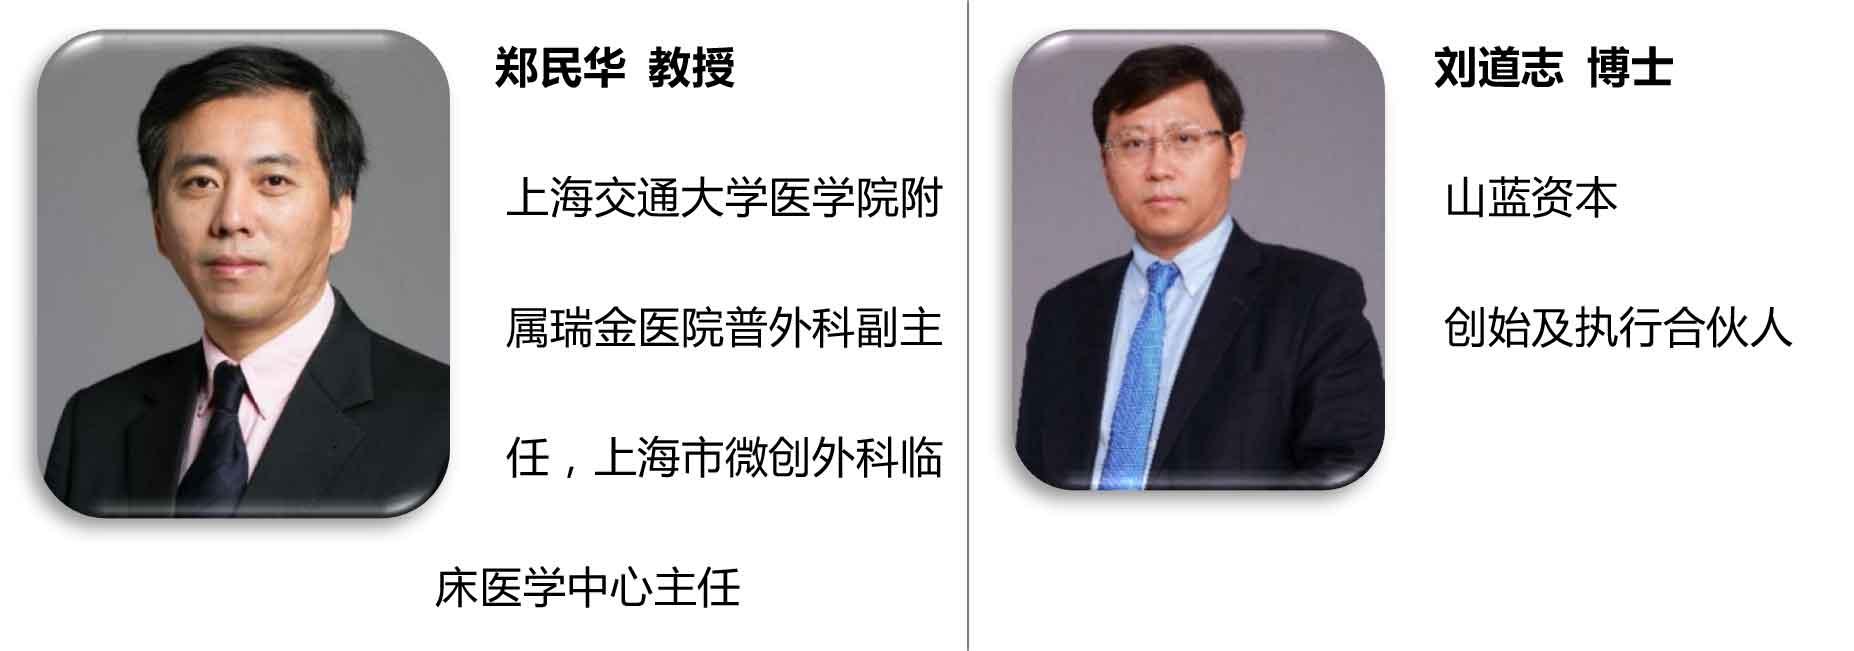 新闻稿1-第三届中国微创外科及手术机器人产业投资CEO论坛-2